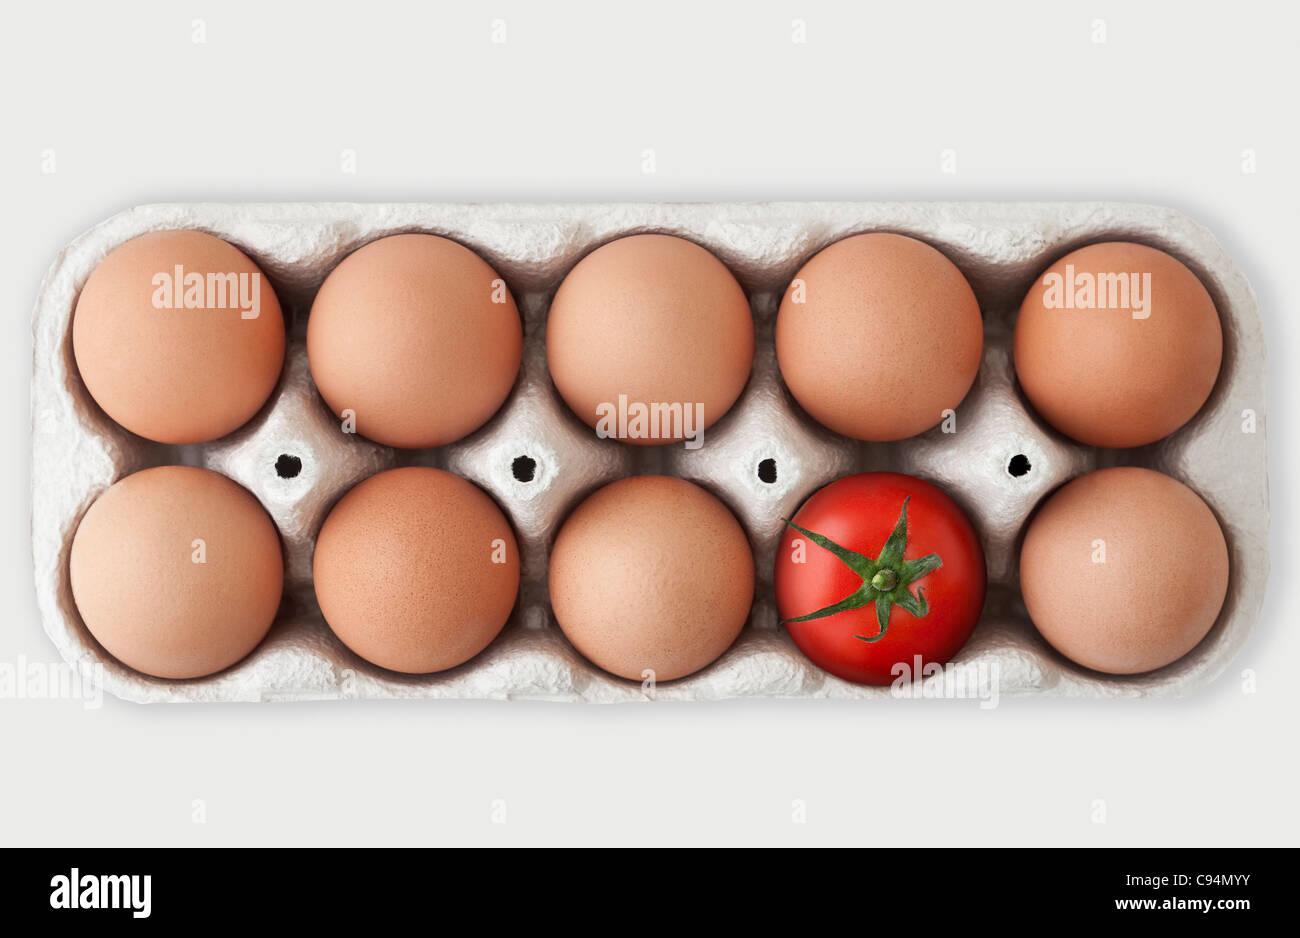 Karton mit neun braunen Hühnereier und einer einzigen roten Tomaten, ein Kuckucksei aus, Konzept Stockbild